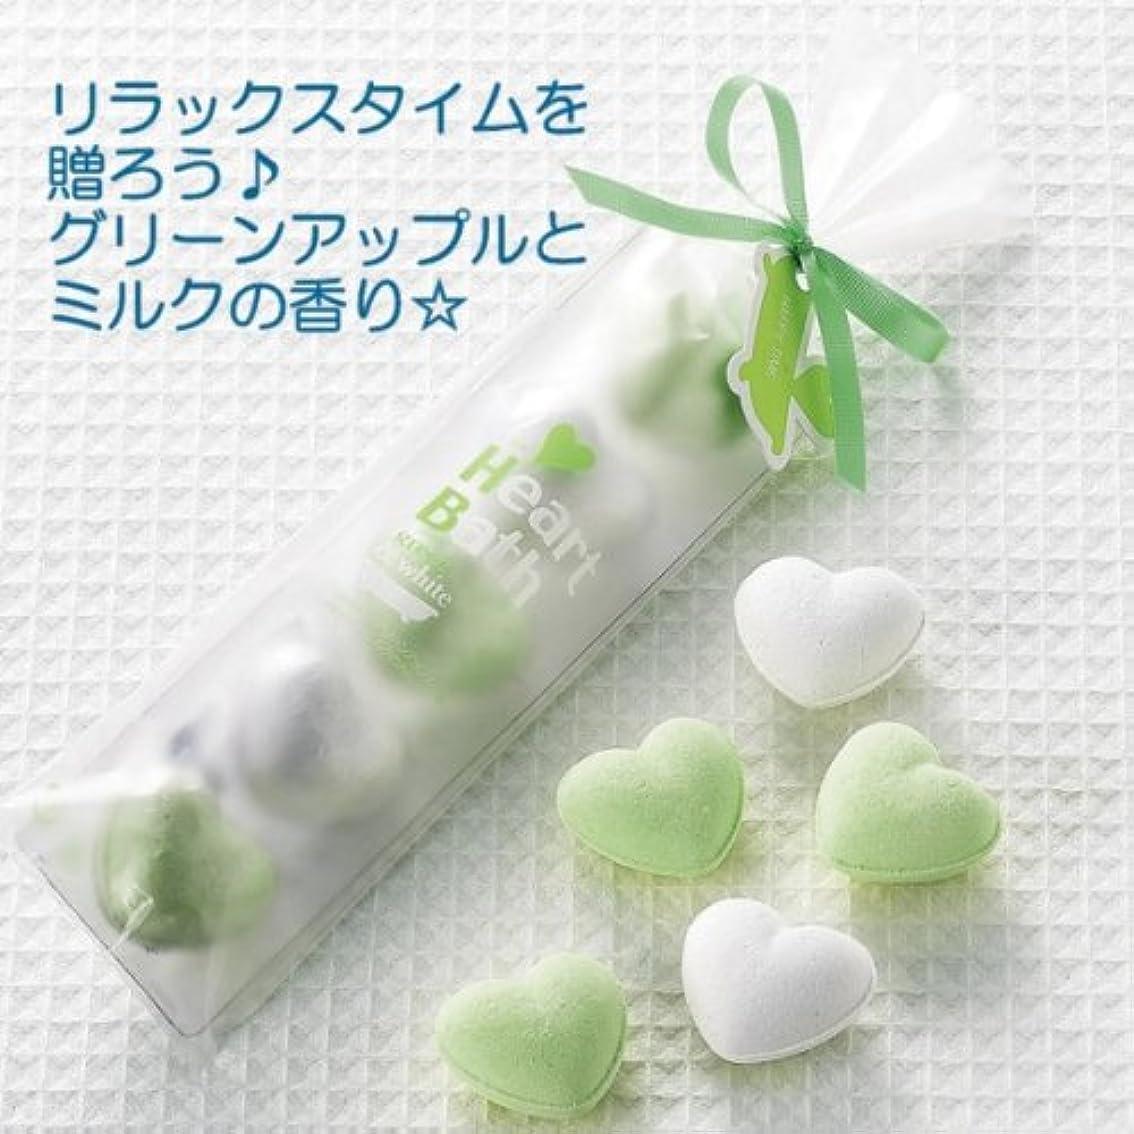 ベテラン前投薬ポンプハート型の入浴剤グリーンアップル&ミルク